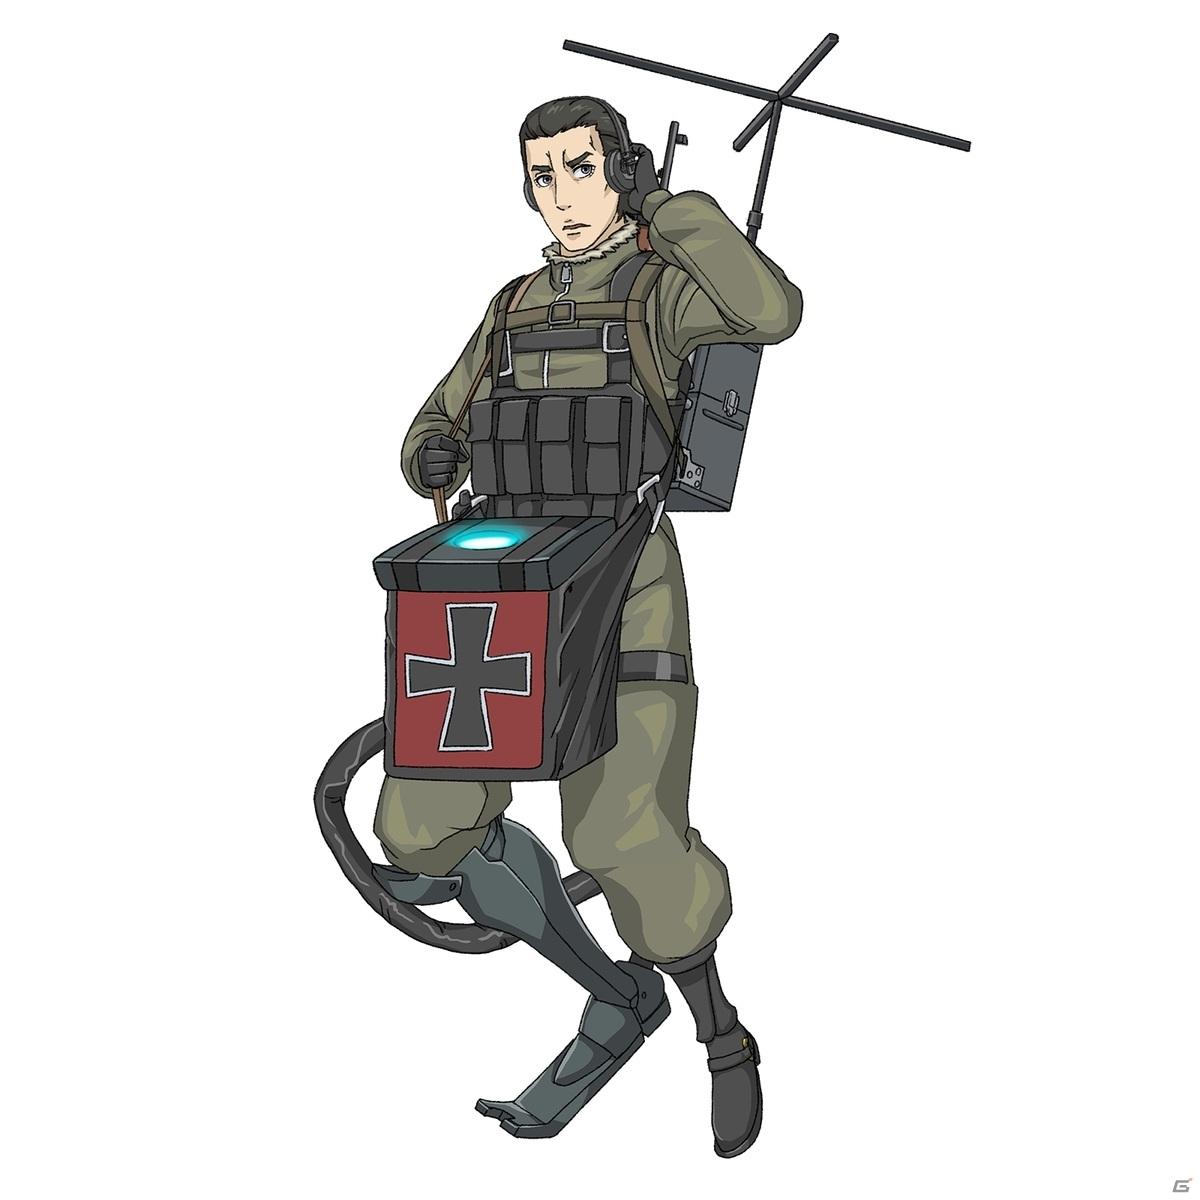 「幼女戦記」の世界を追体験できるスマートフォン向けRPG「幼女戦記 魔導師斯く戦えり」のゲーム画面が公開!